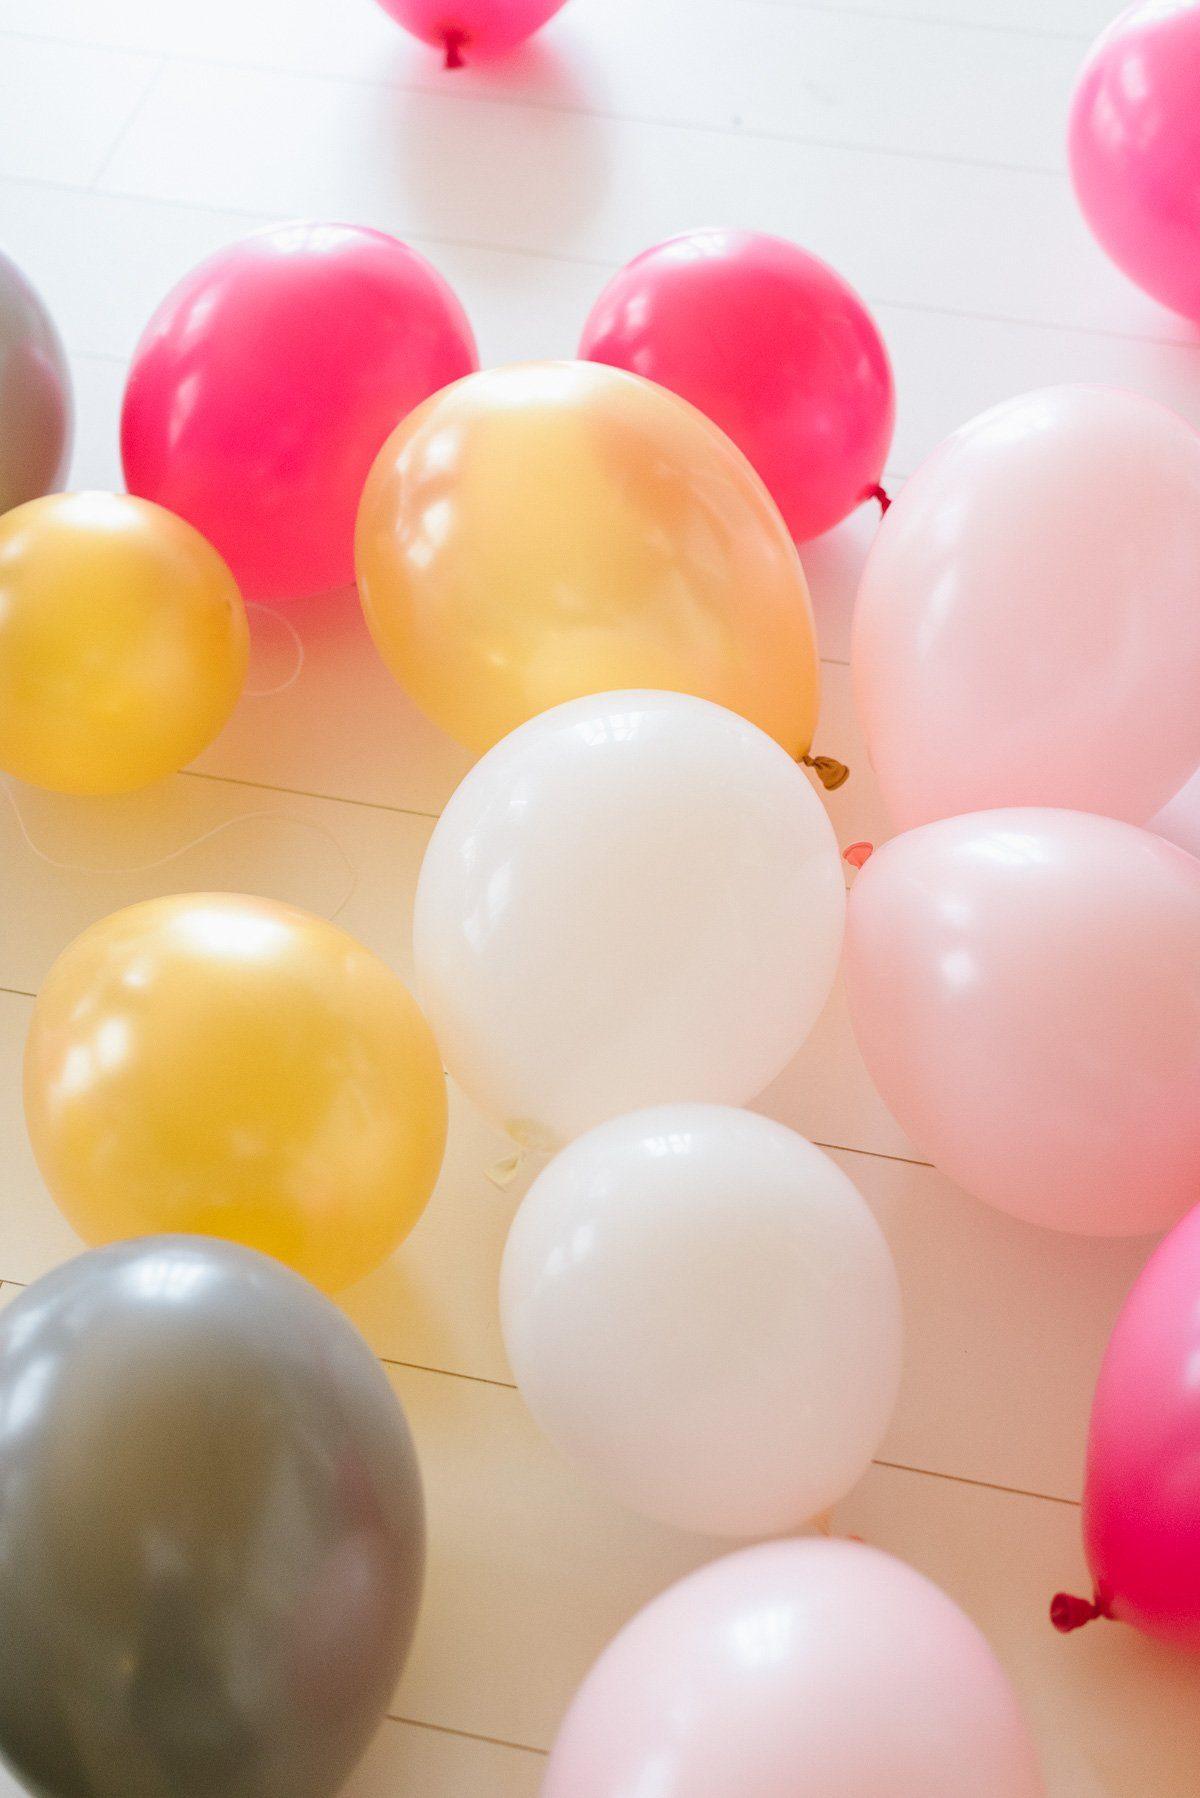 Luftballons für Ballongirlande verbinden